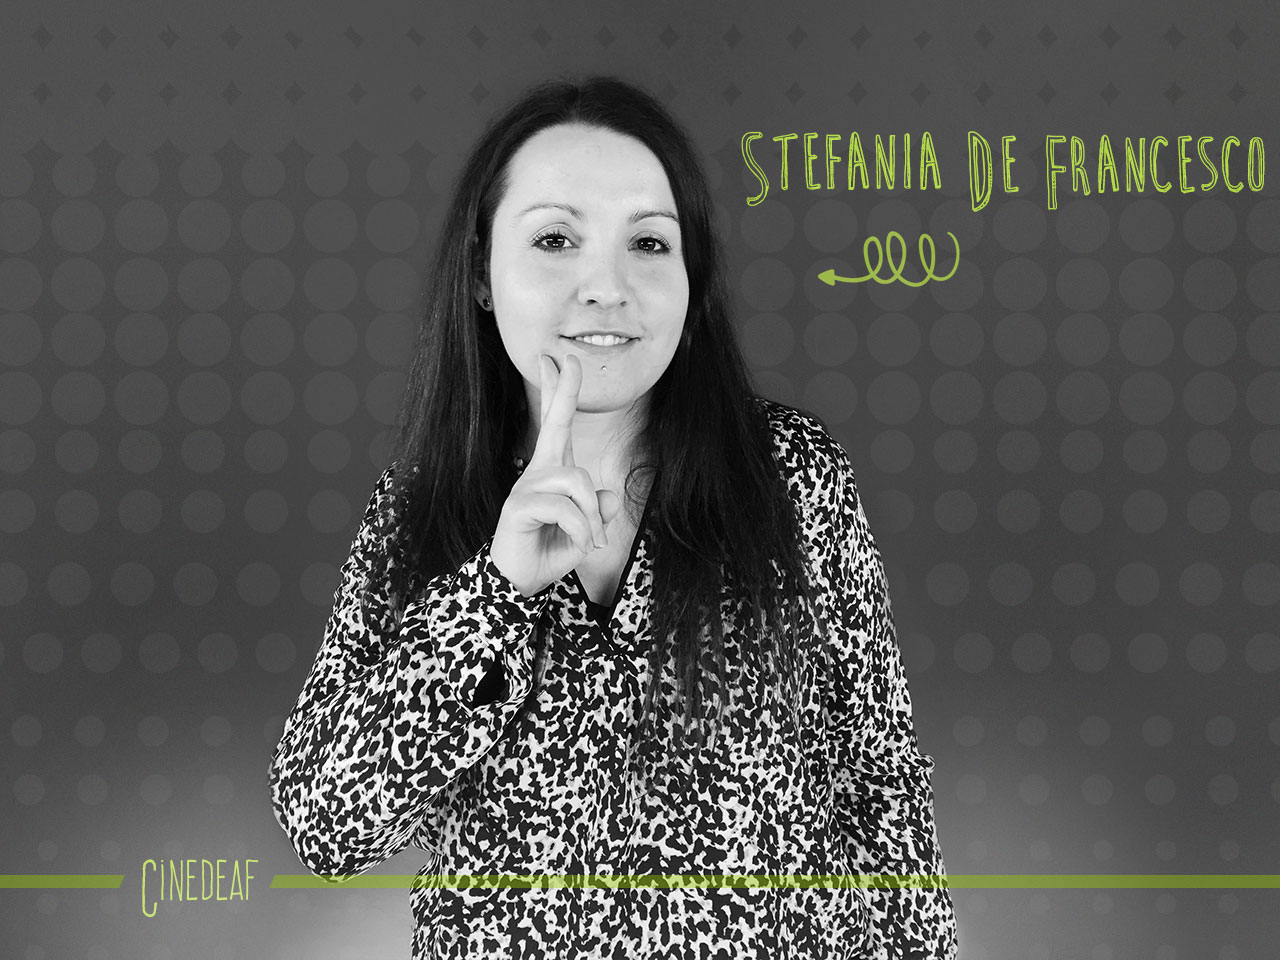 Stefania_De_Francesco